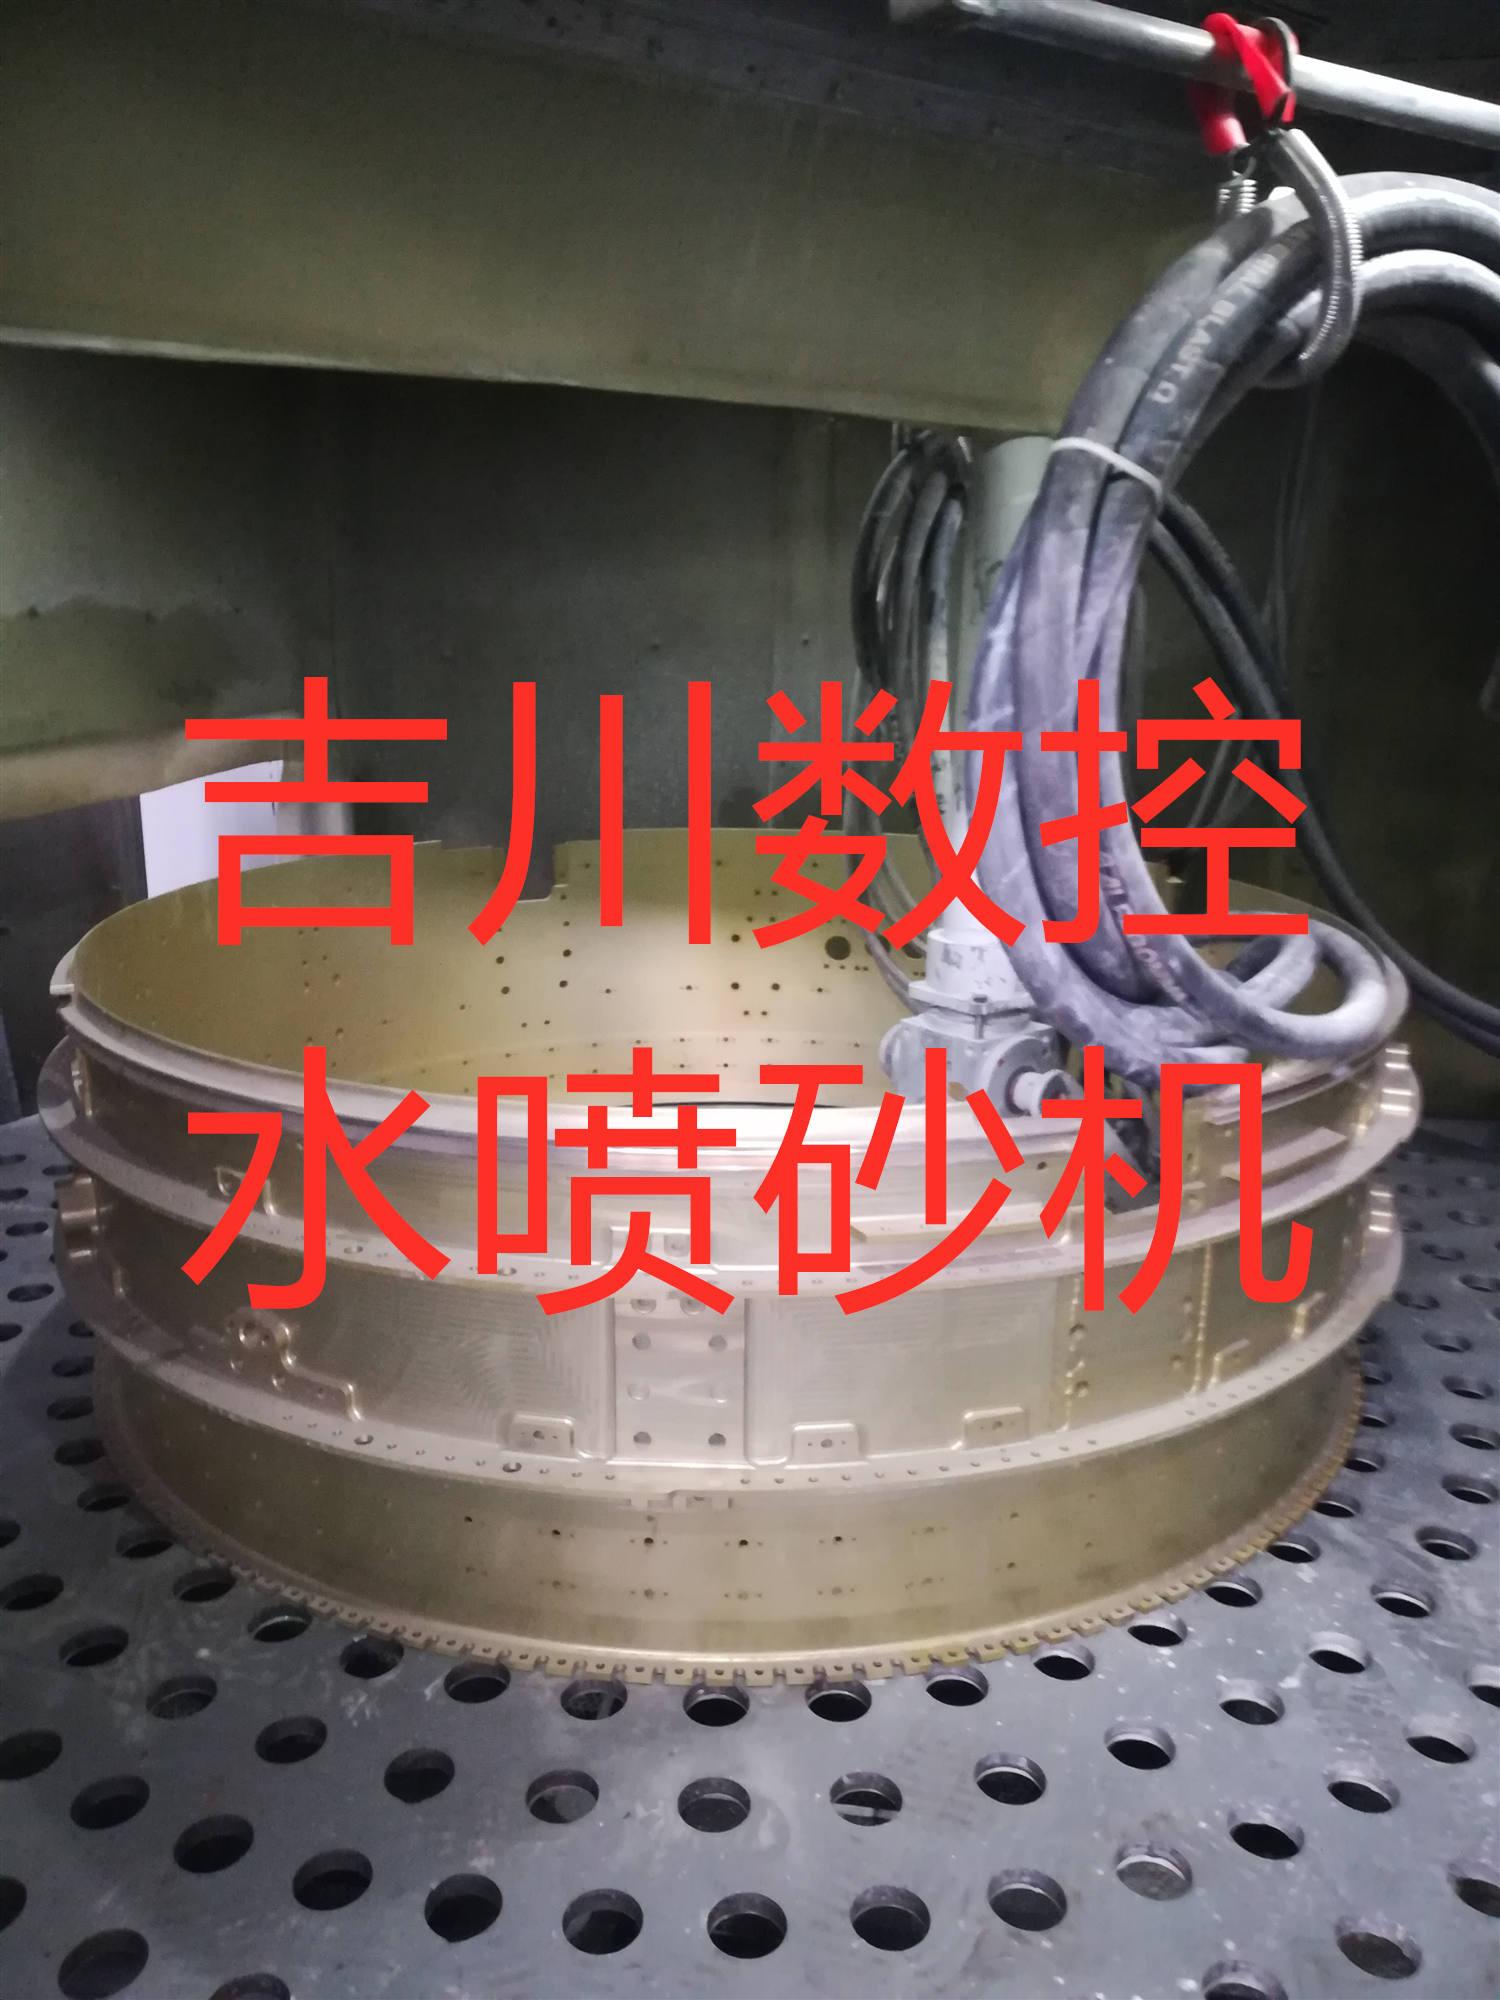 吉川花键轴、行星套专用喷砂机